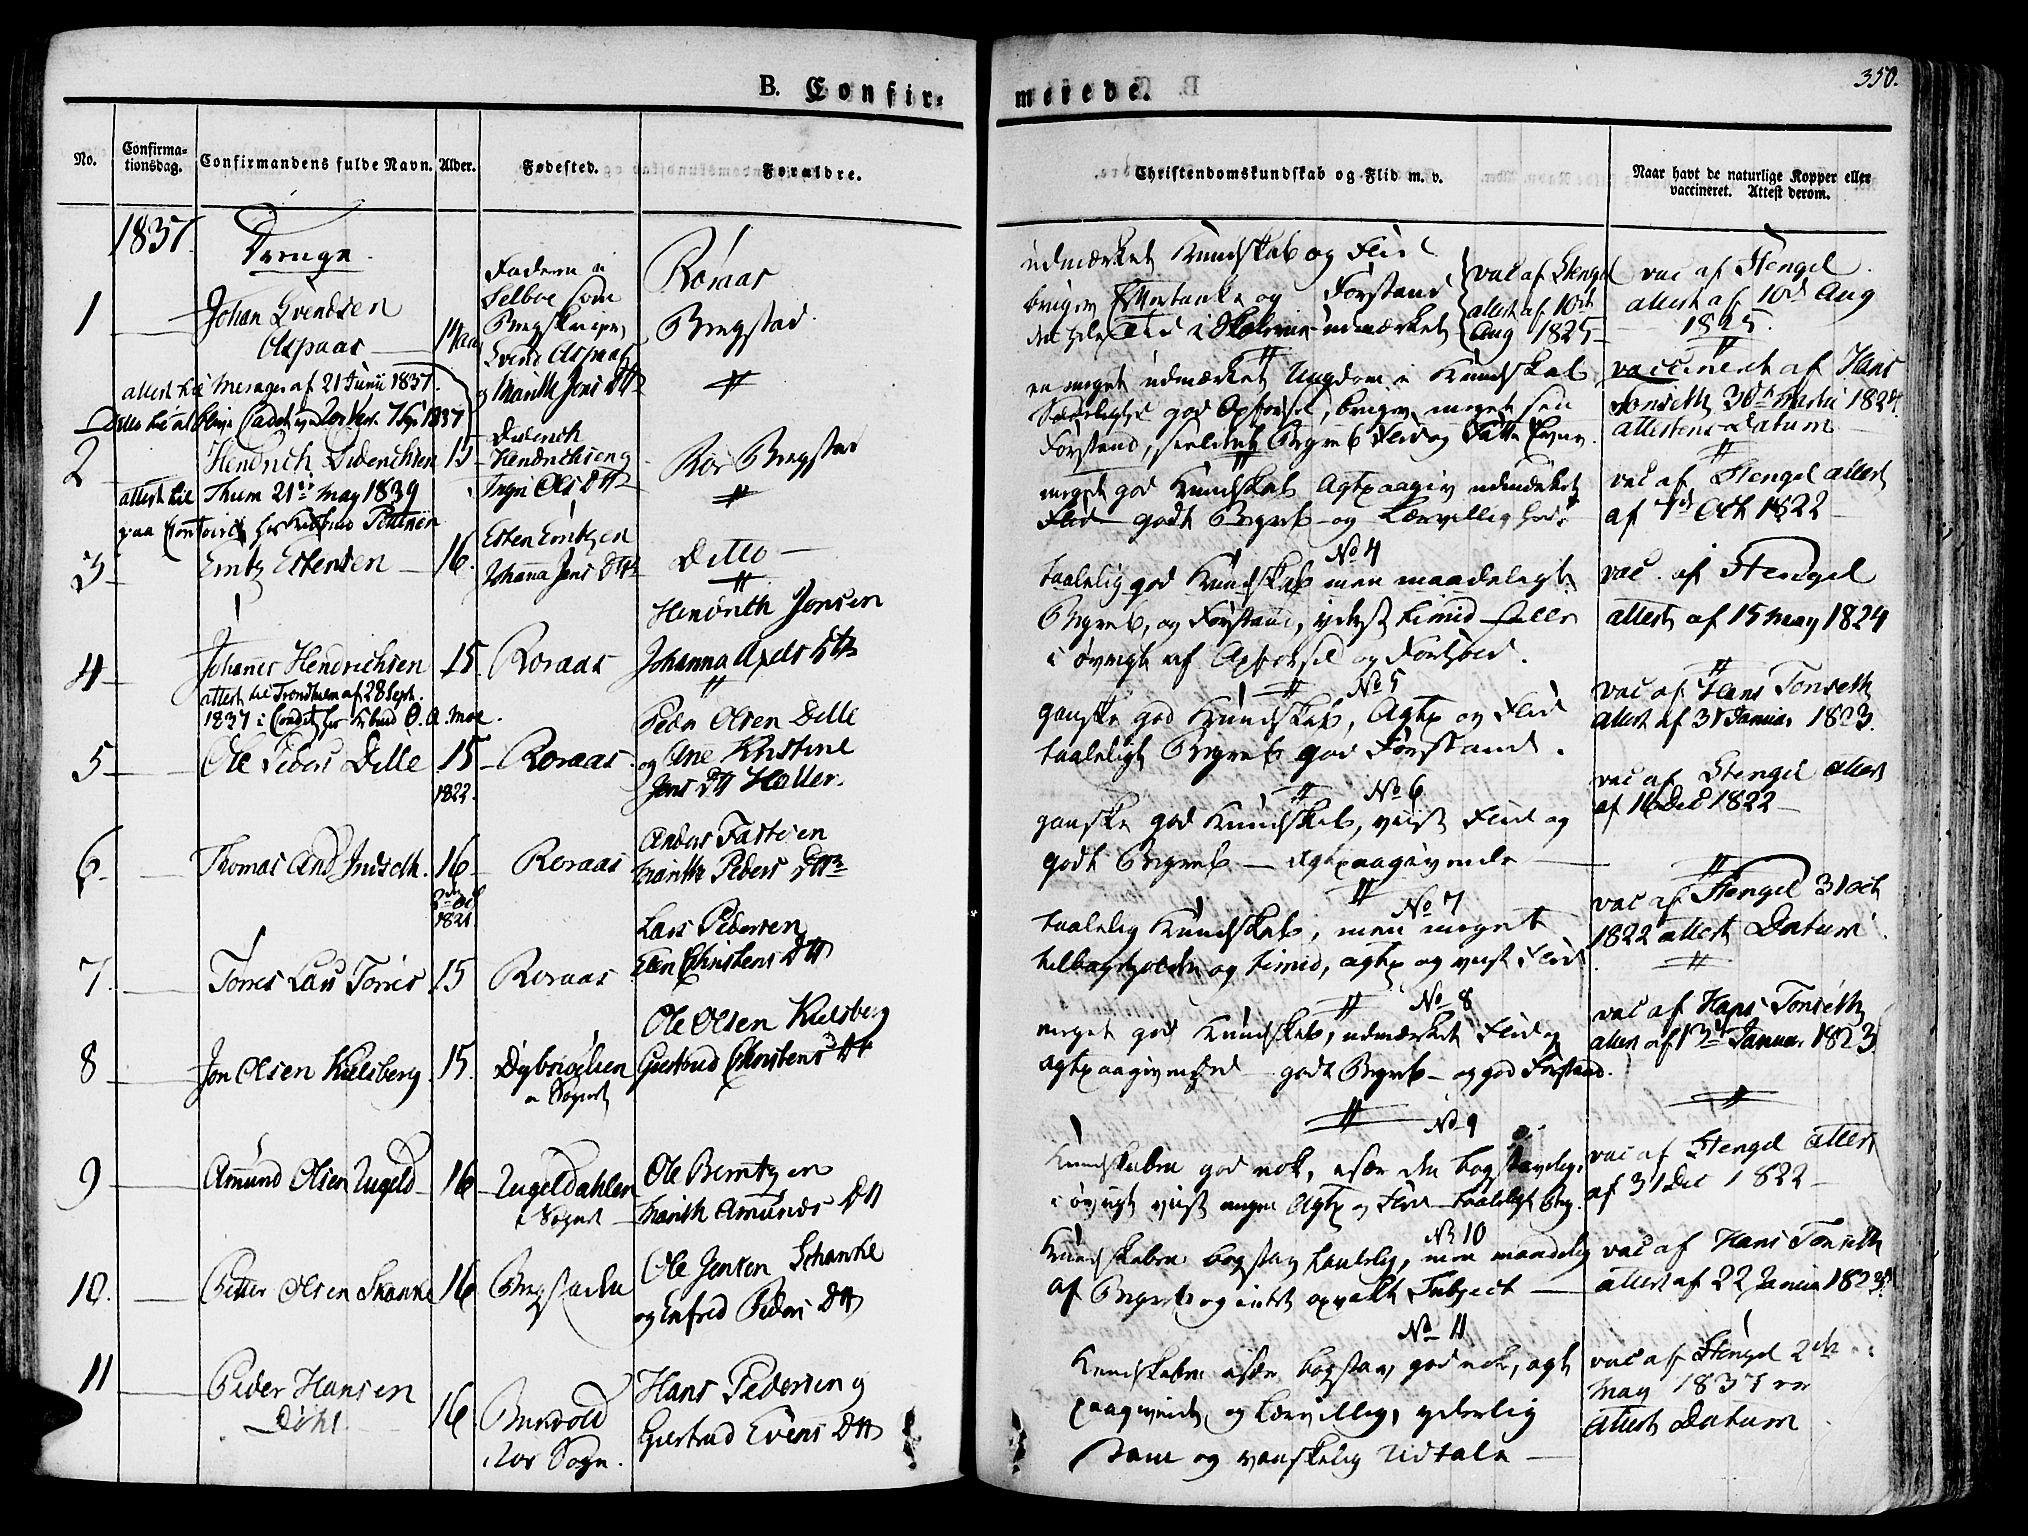 SAT, Ministerialprotokoller, klokkerbøker og fødselsregistre - Sør-Trøndelag, 681/L0930: Ministerialbok nr. 681A08, 1829-1844, s. 350